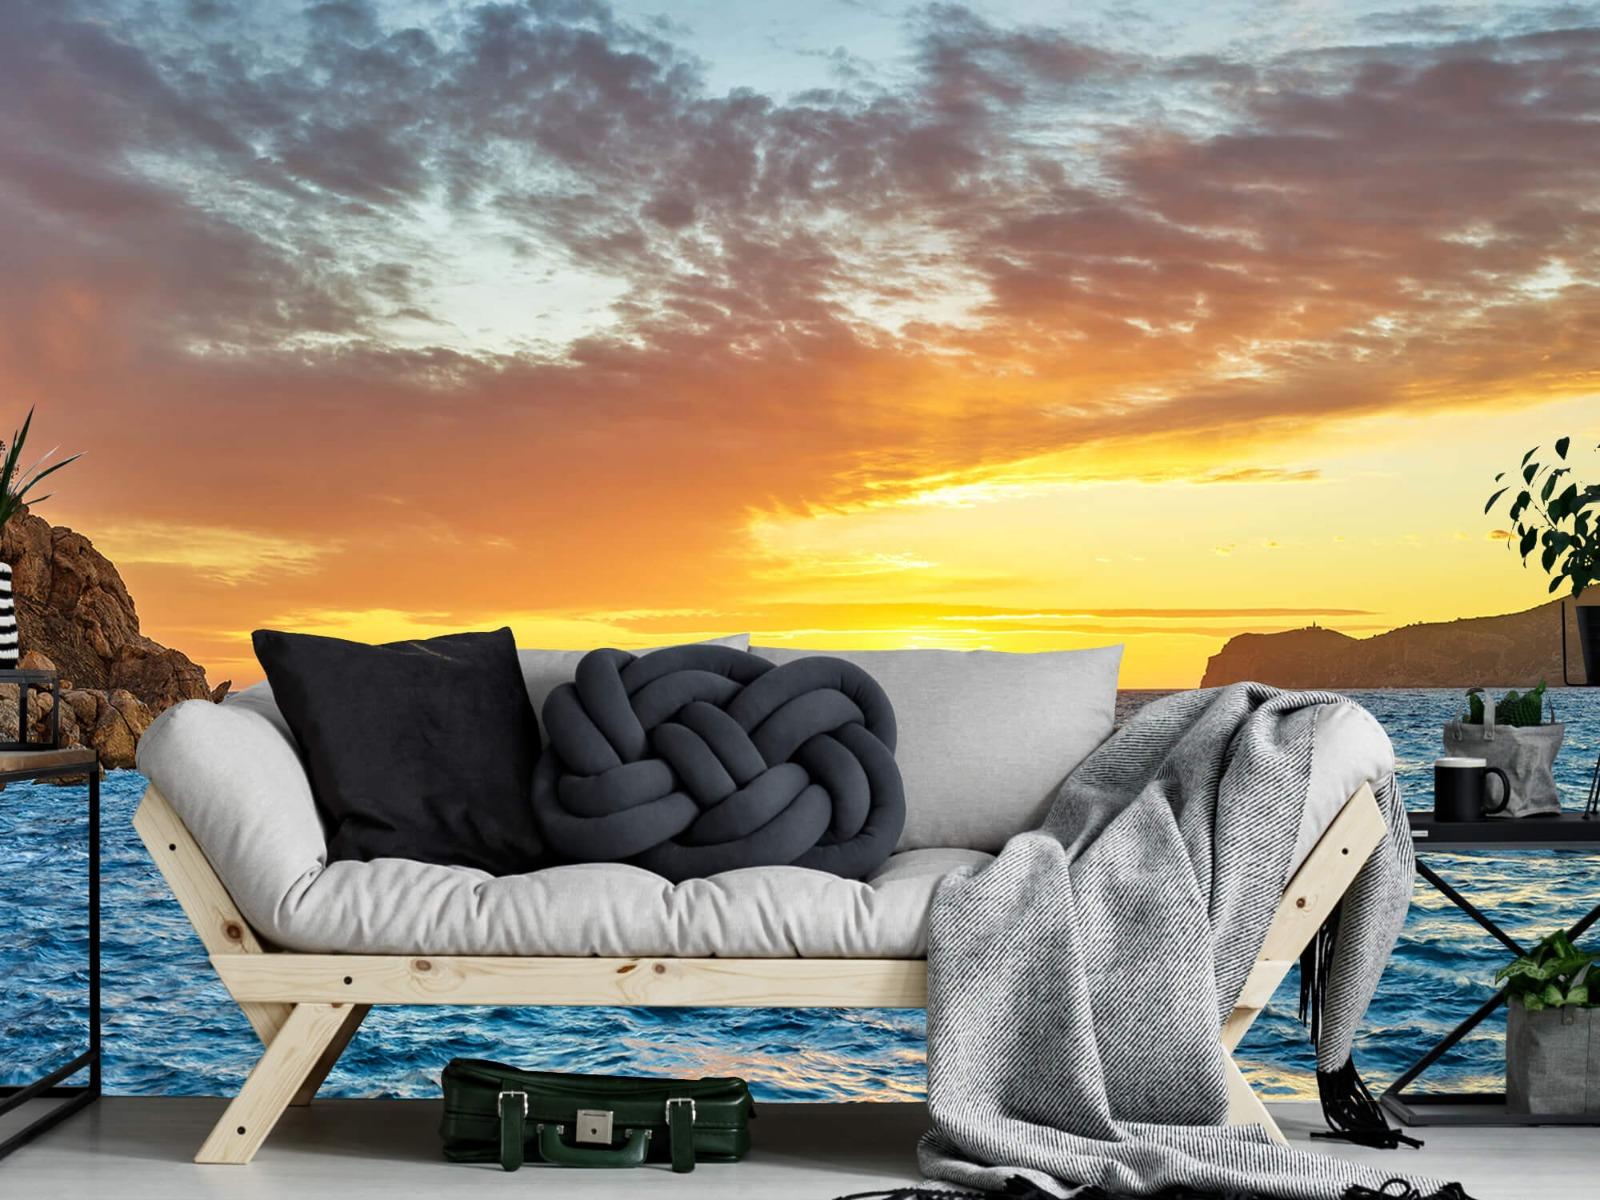 Zon - Zonsondergang op een eiland - Slaapkamer 7